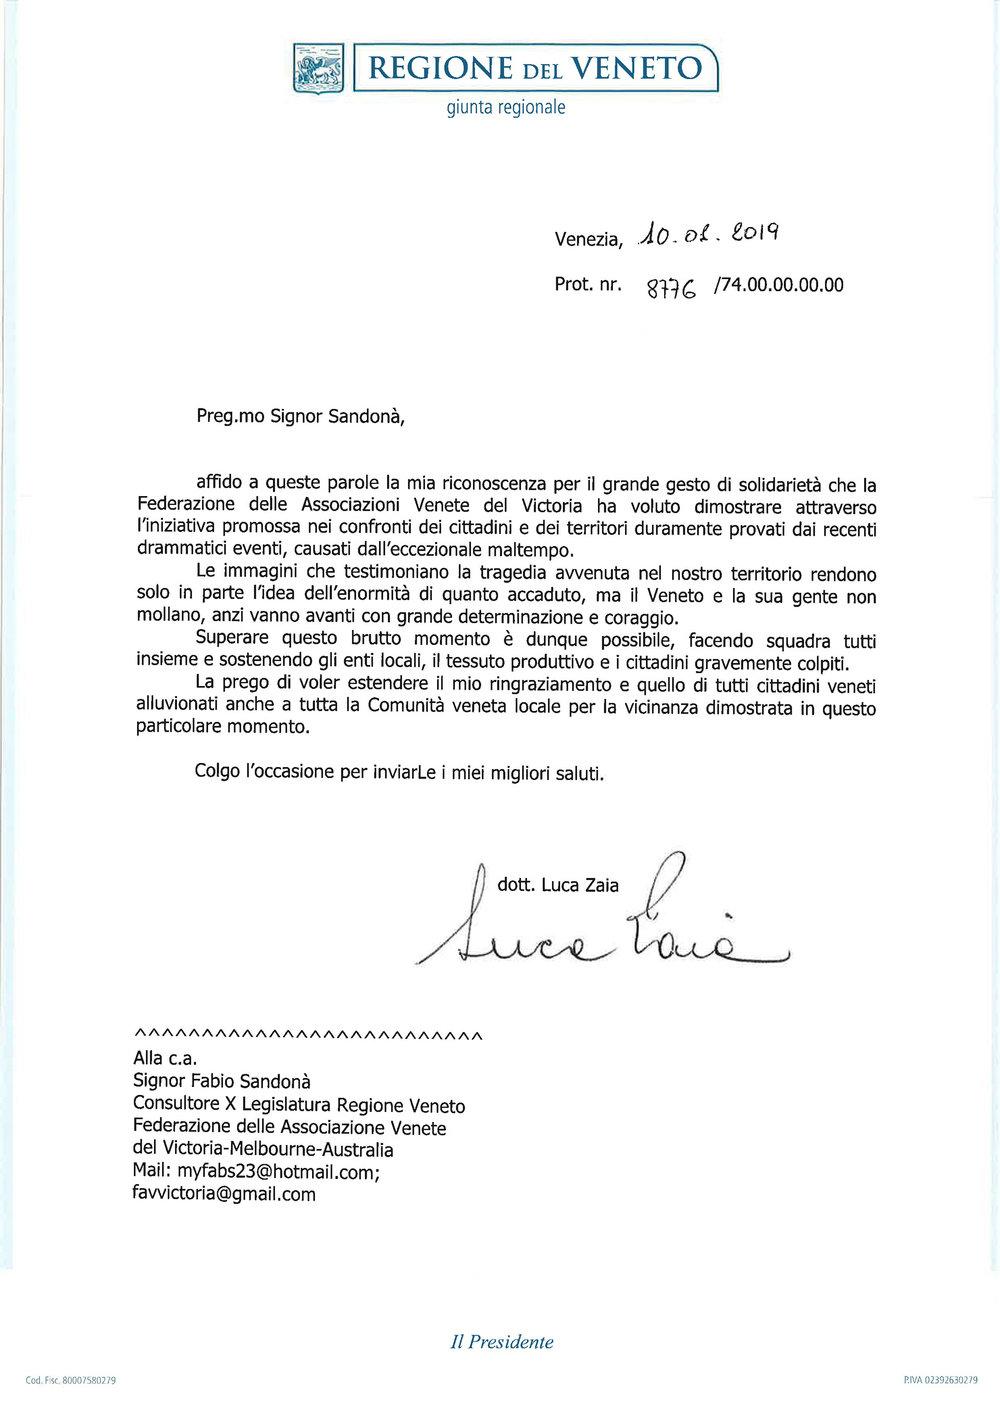 Presidente Luca Zaia per FAV Vic.jpg